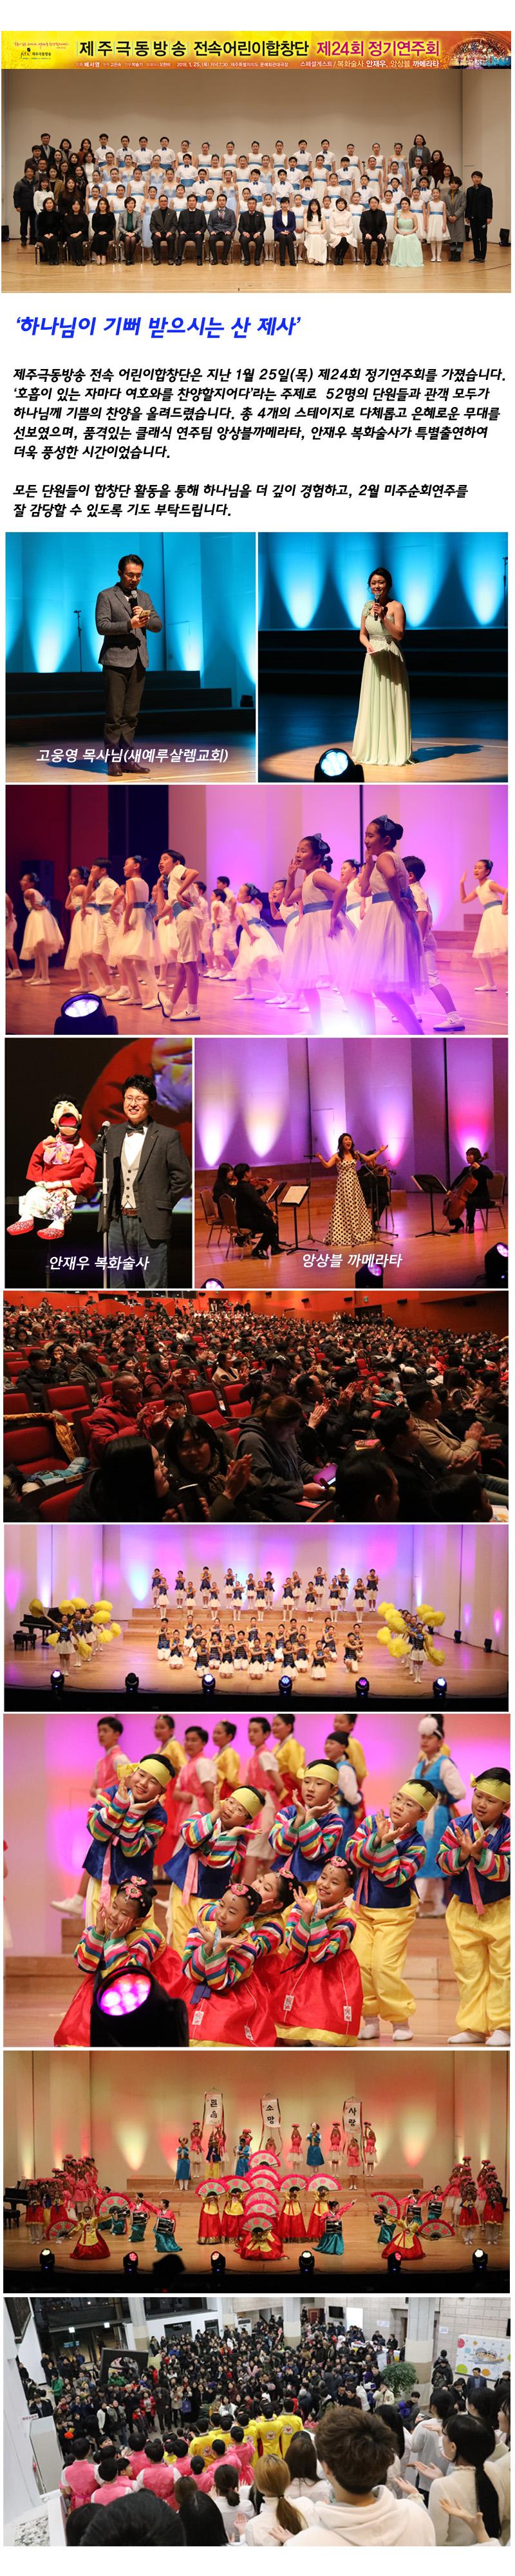 제24회정기연주회 게시판.jpg